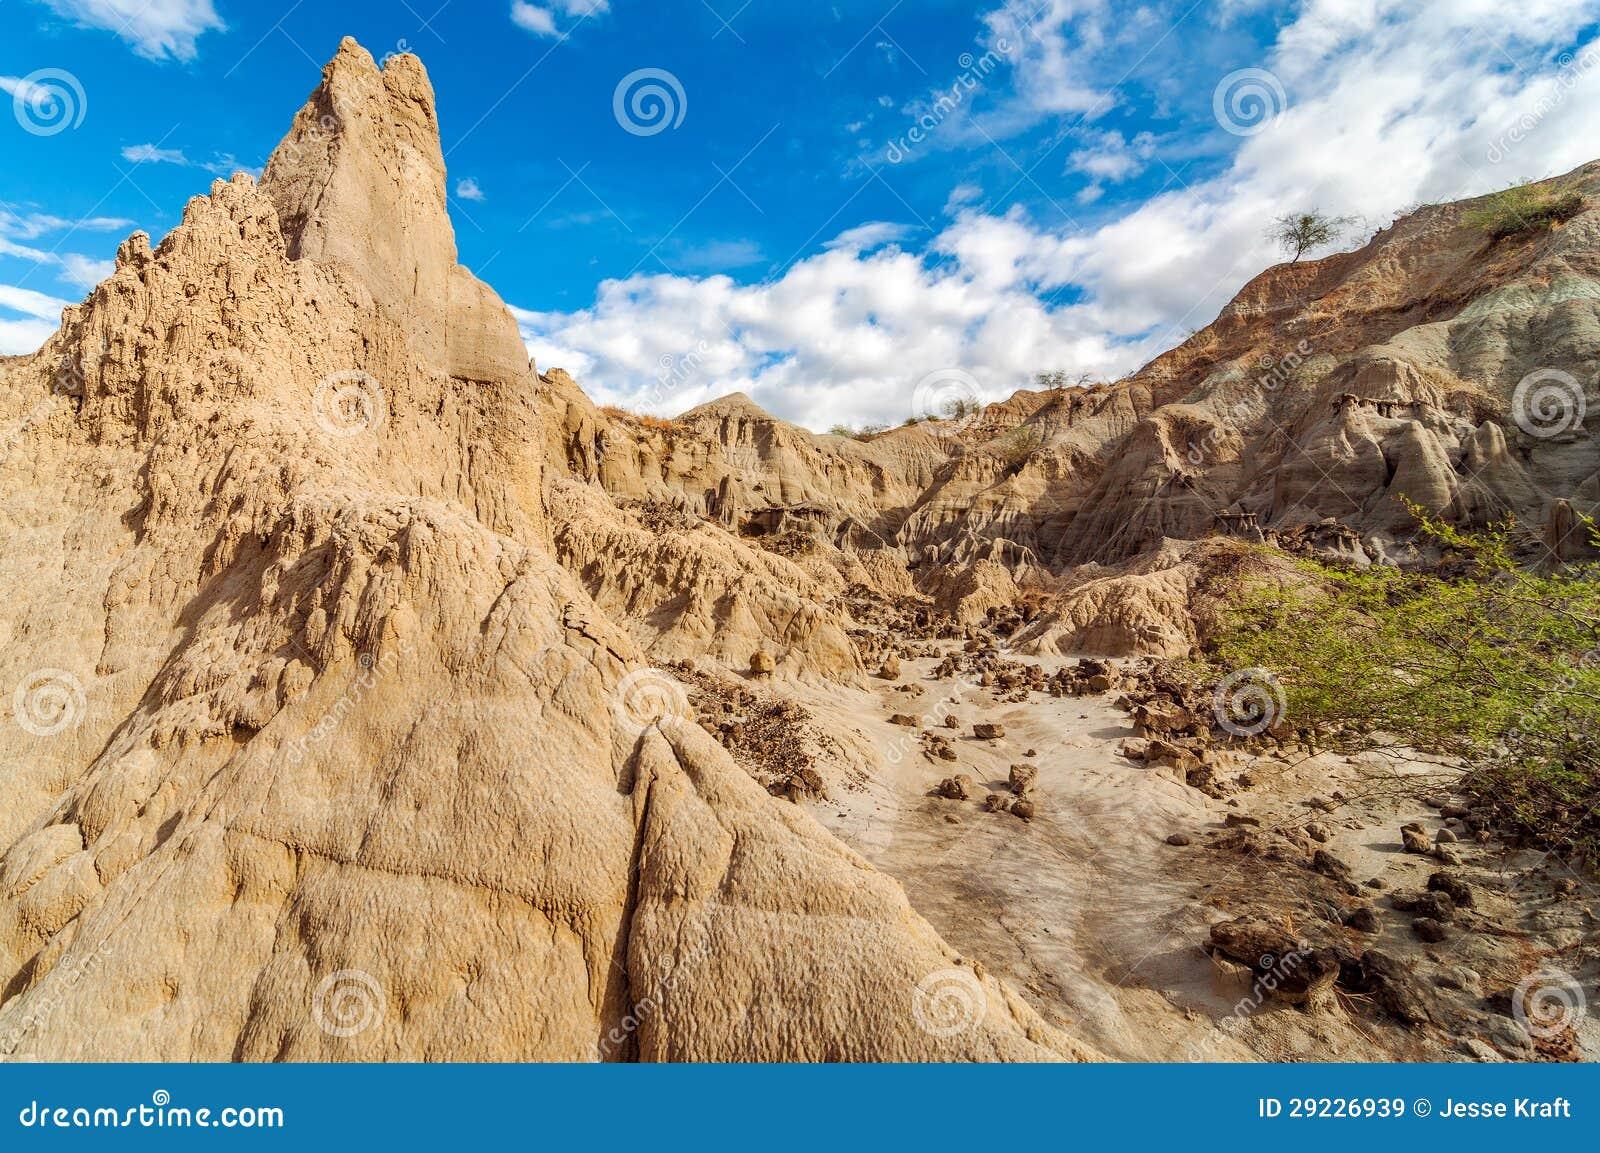 Download Deserto e céu azul imagem de stock. Imagem de scenic - 29226939